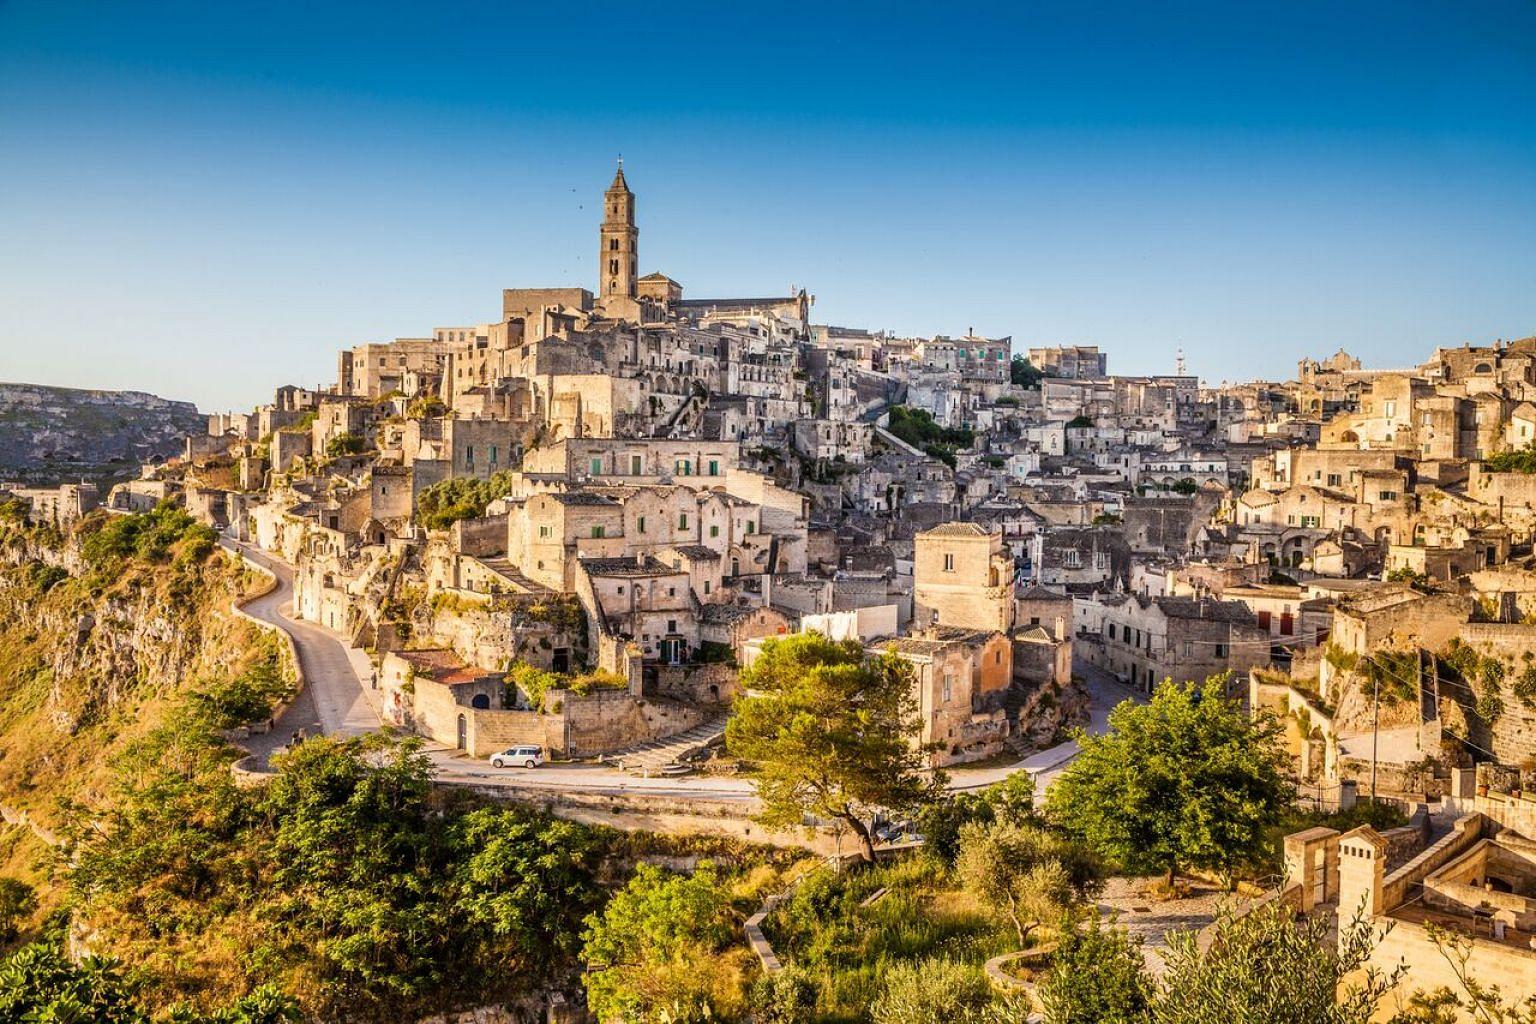 City of Matera, Italy